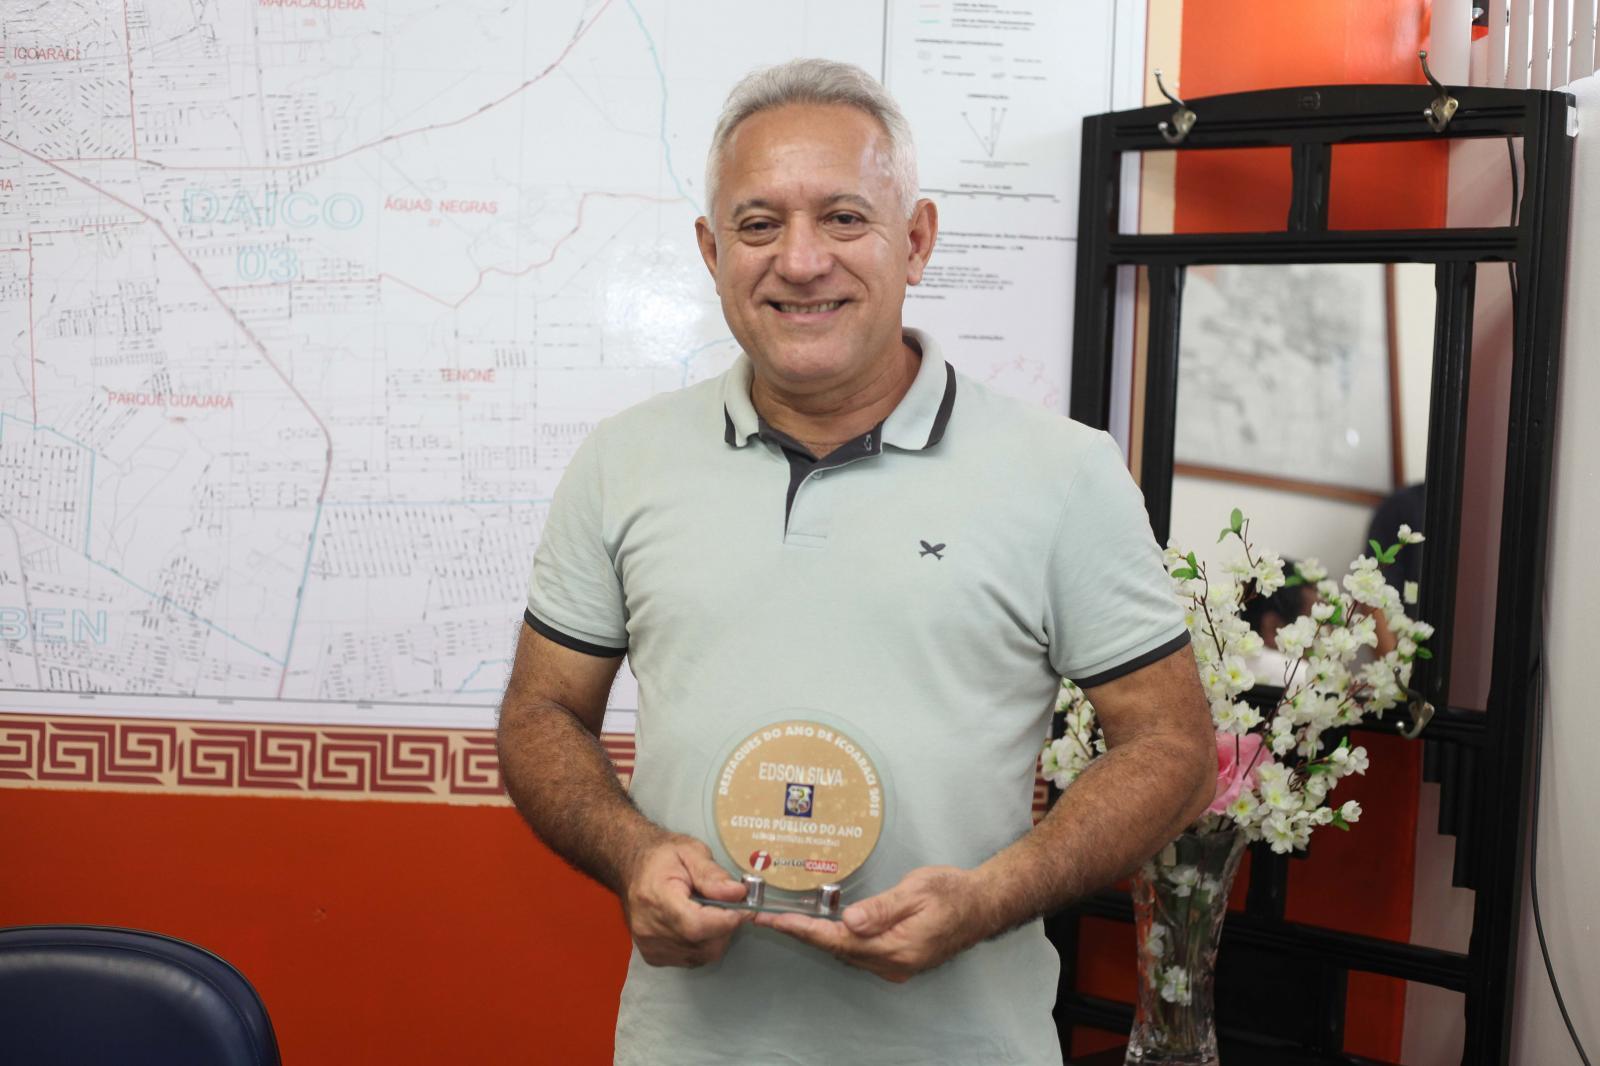 Edson Silva - Gestão Pública do ano de Icoaraci